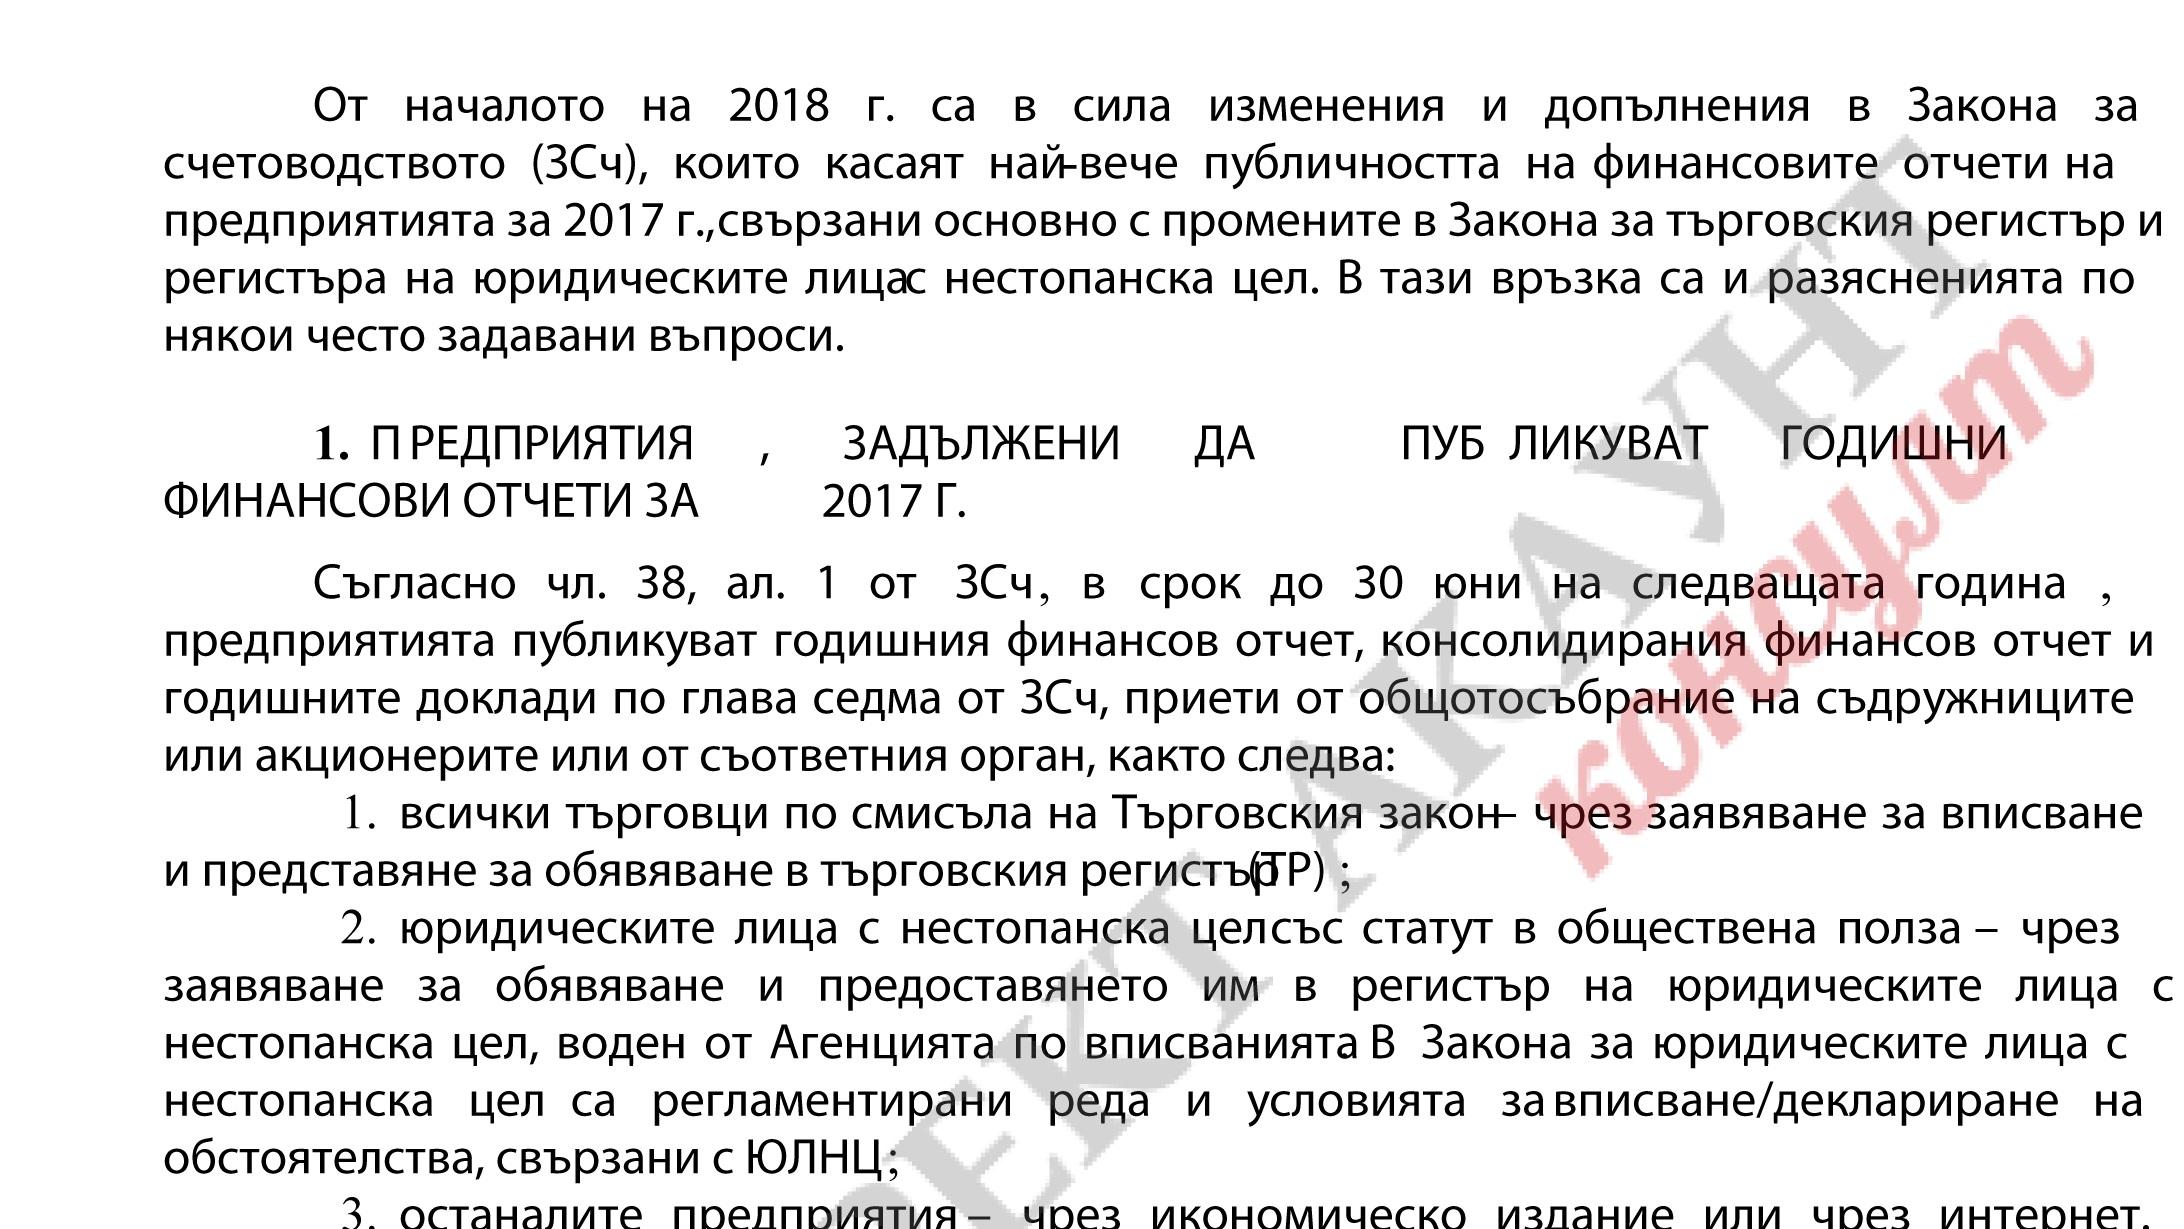 Разяснение на Министерството на финансите относно публикуването на годишните финансови отчети за 2017 г.